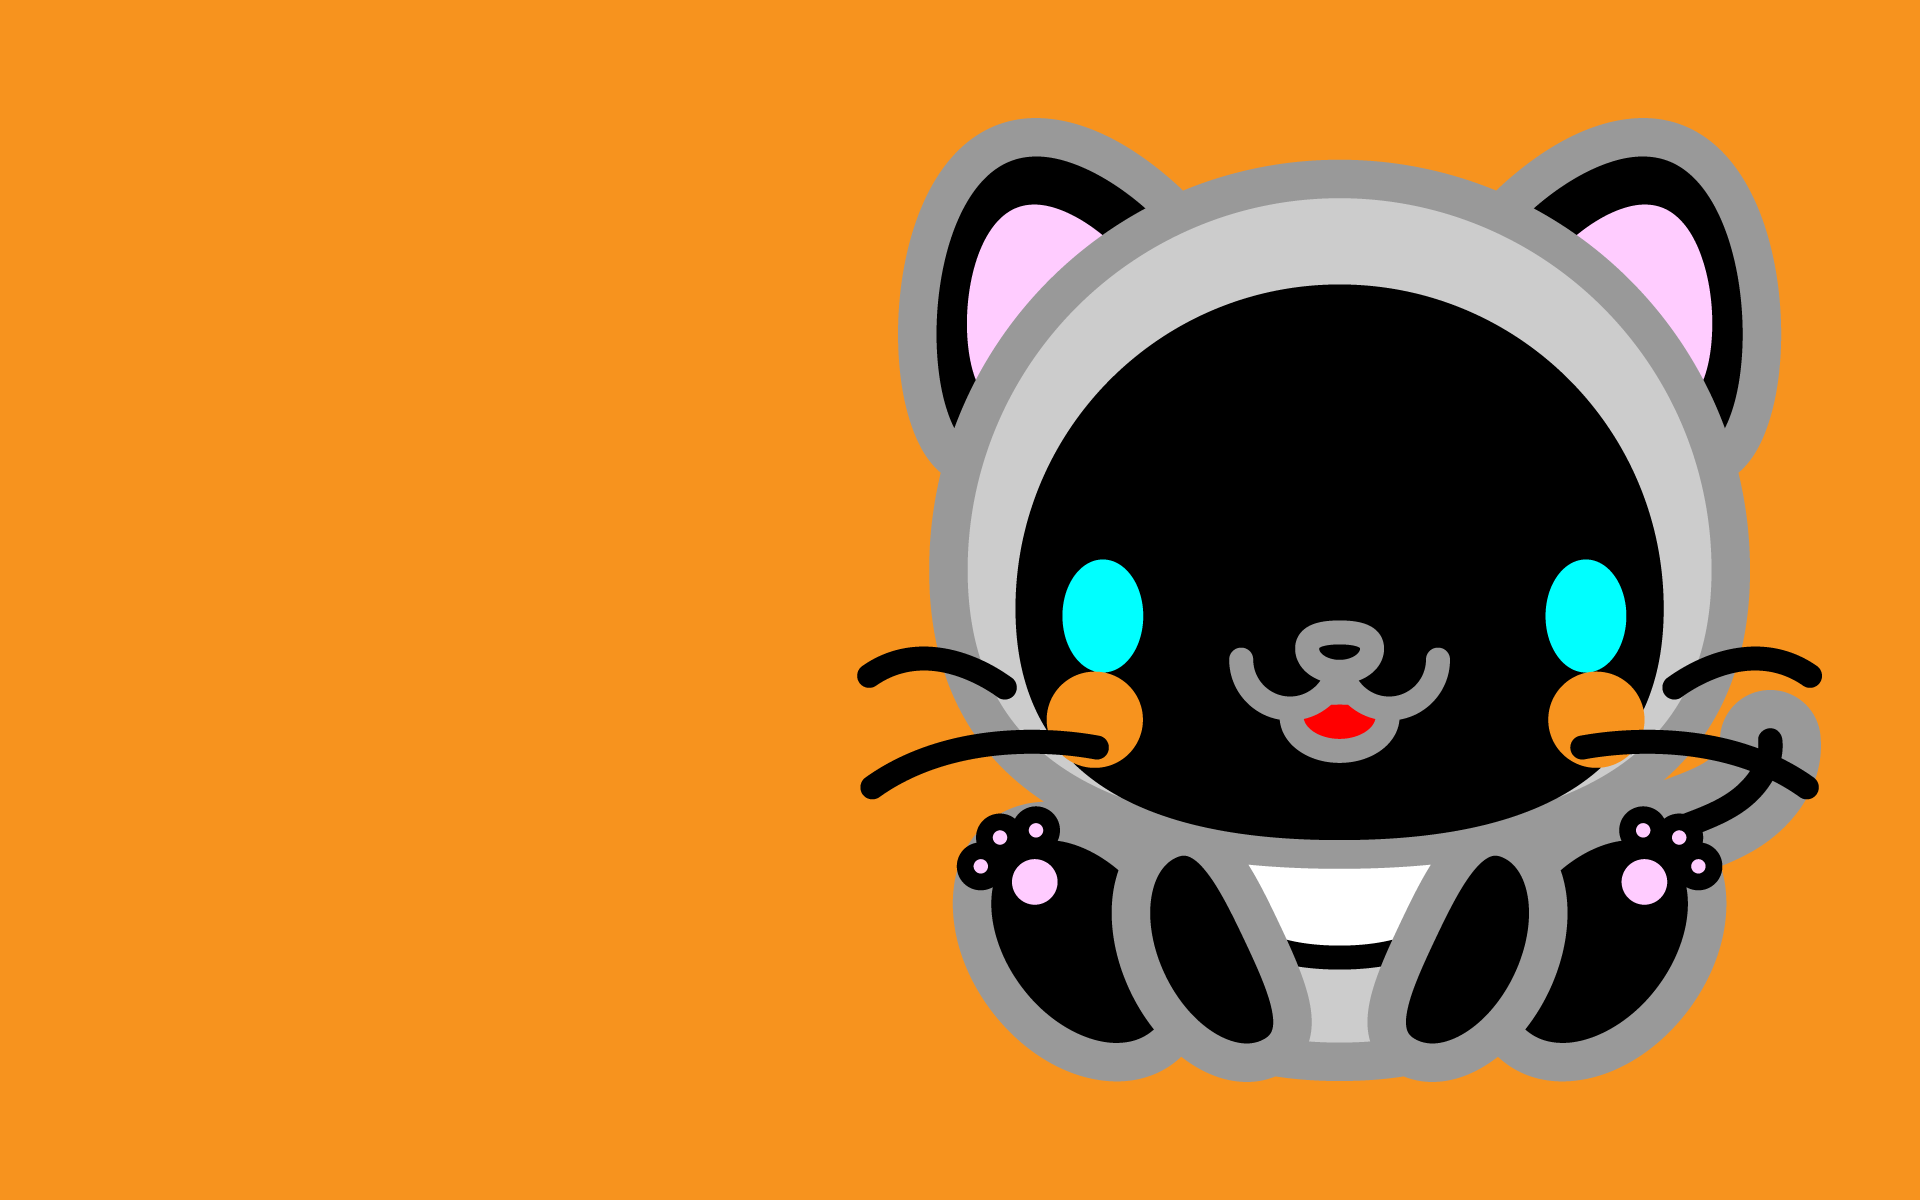 かわいい座りシャム猫壁紙(PC)の無料イラスト・商用フリー